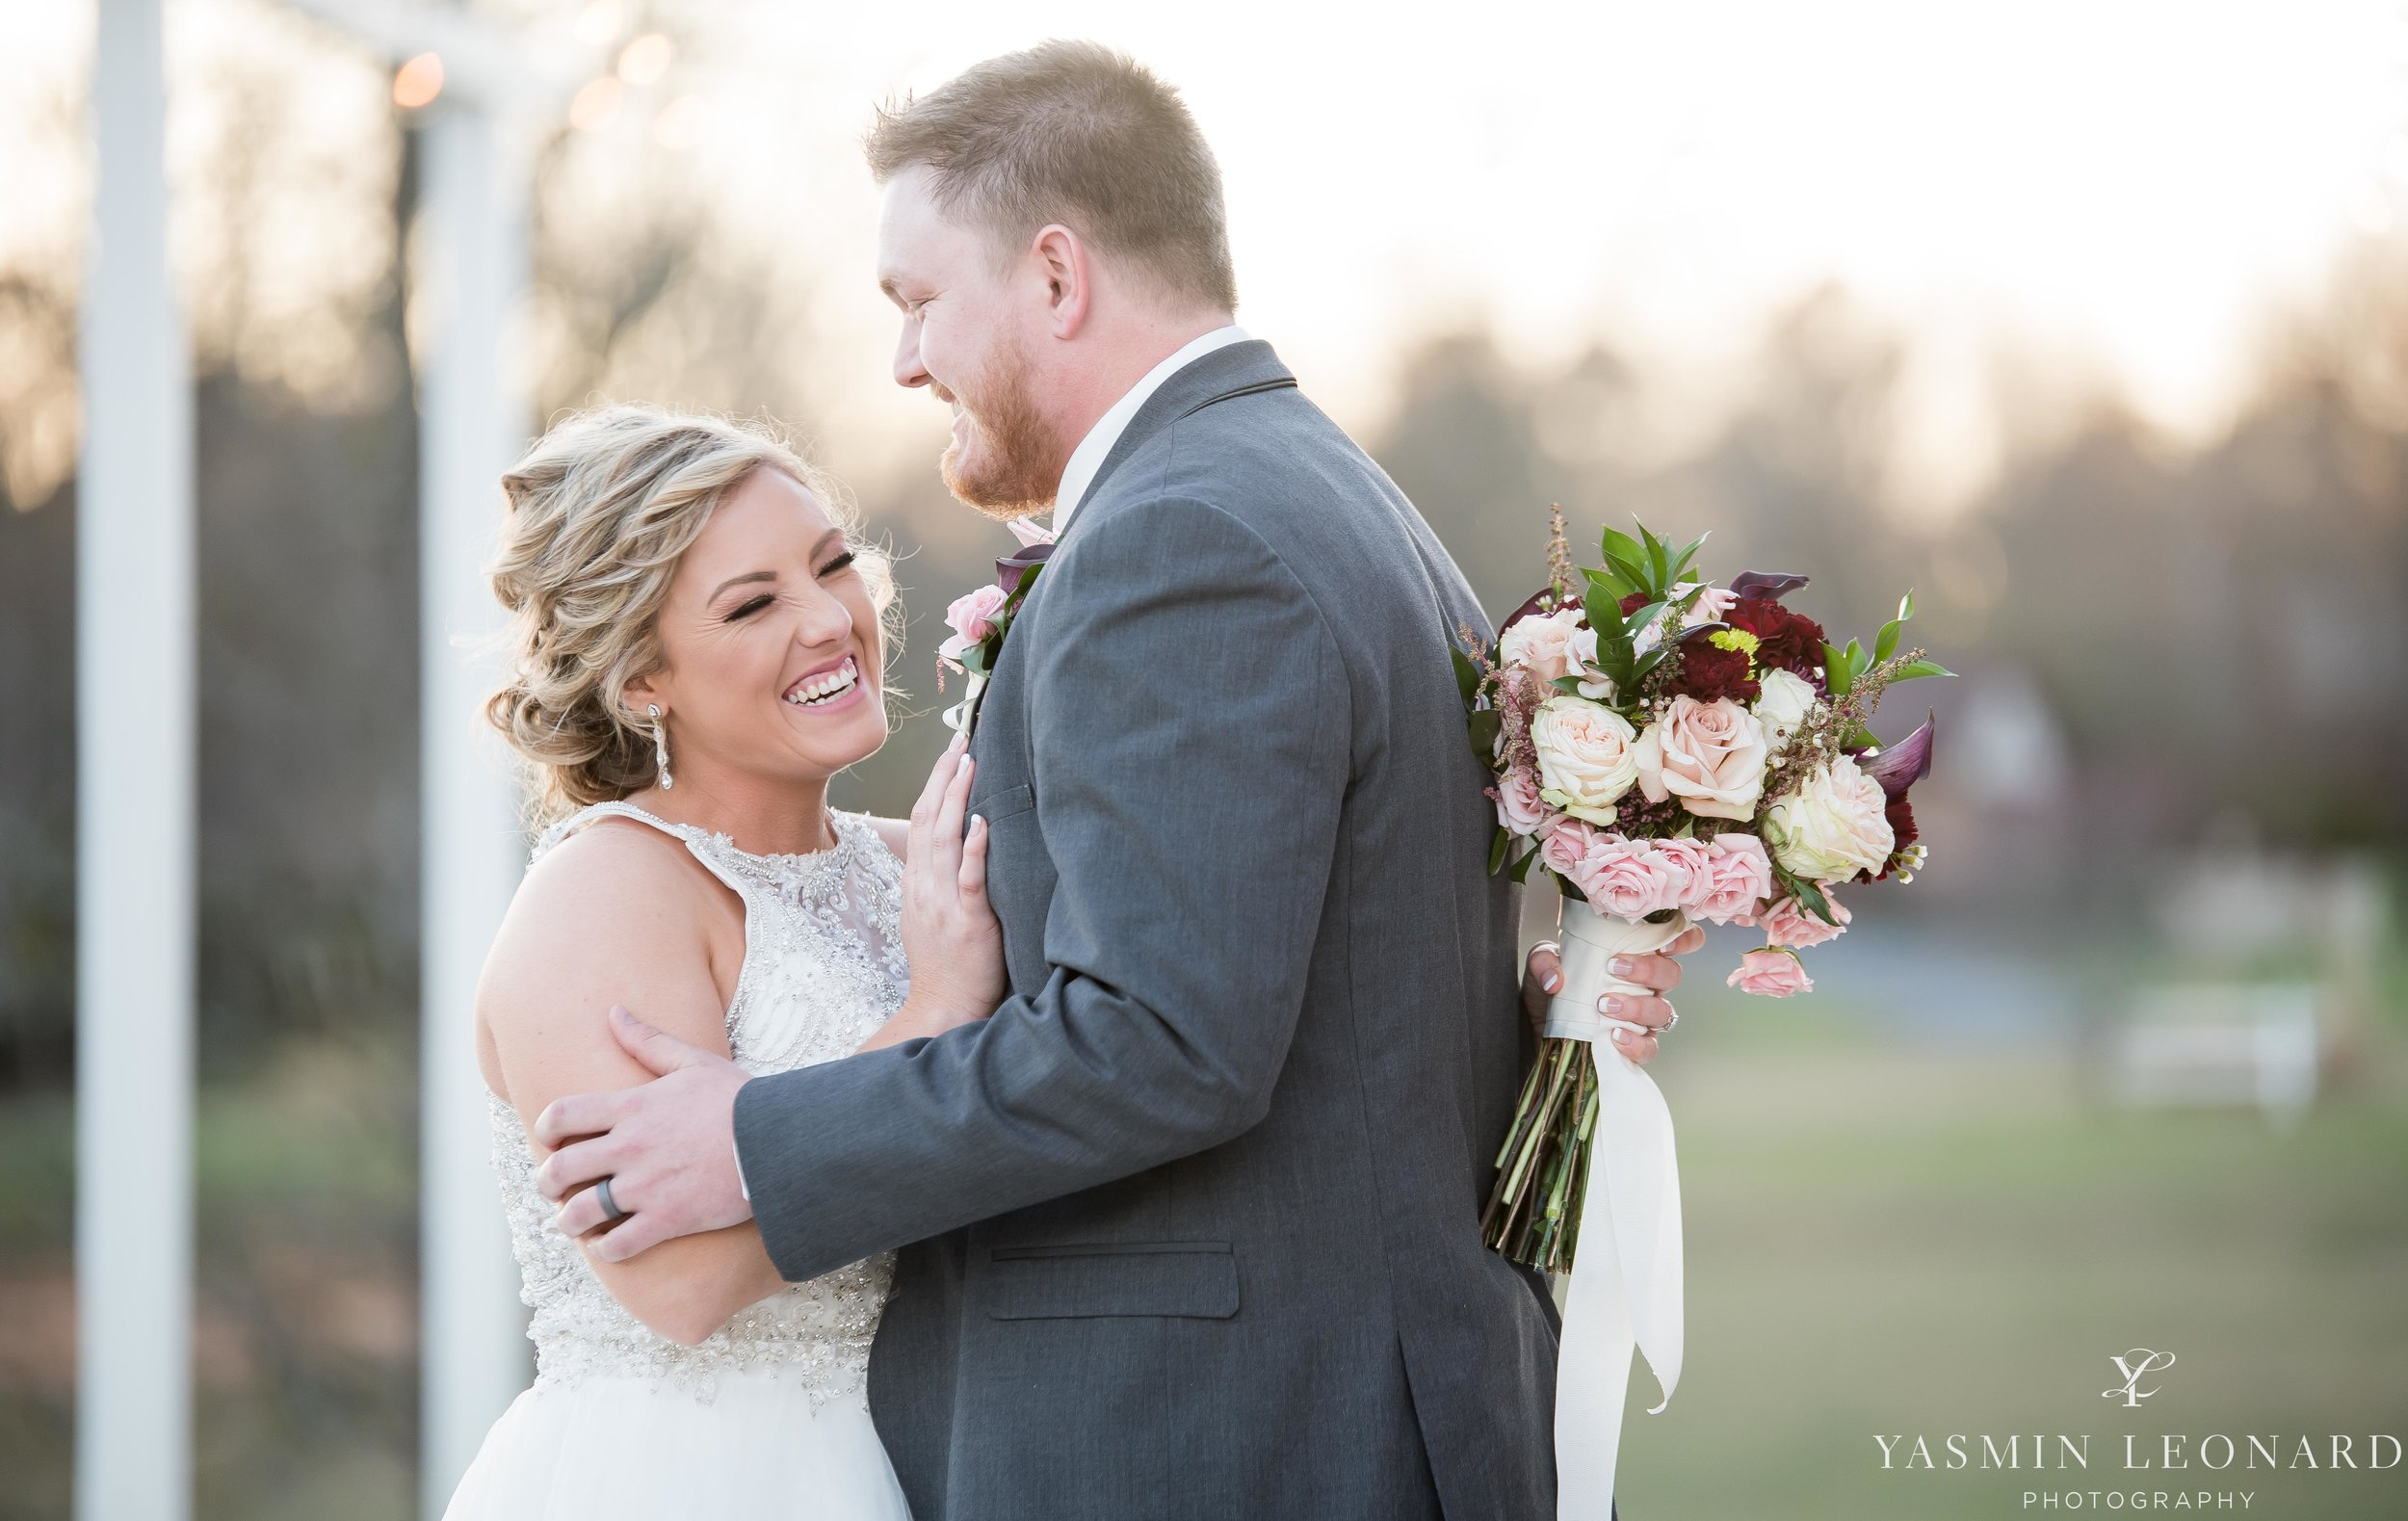 Millikan Farms - Millikan Farms Wedding - Sophia NC Wedding - NC Wedding - NC Wedding Photographer - Yasmin Leonard Photography - High Point Photographer - Barn Wedding - Wedding Venues in NC - Triad Wedding Photographer-57.jpg